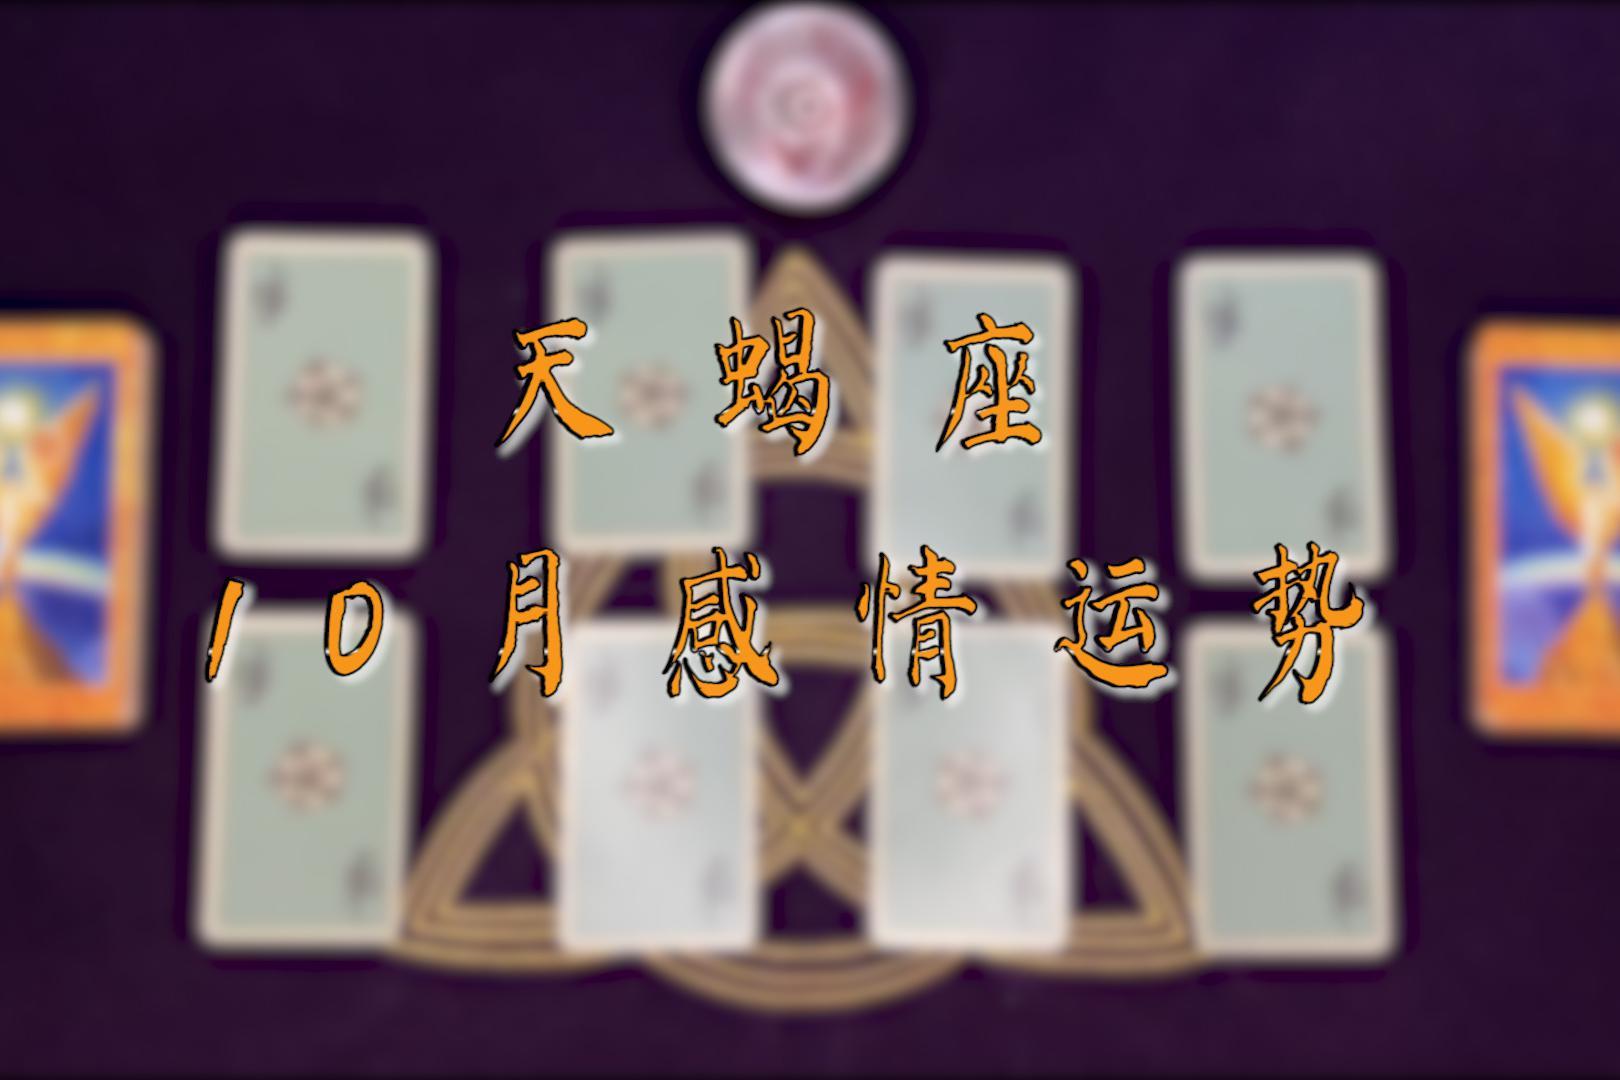 锦鲤塔罗:天蝎座10月感情运势,过于被动,容易让恋爱机悄悄溜走